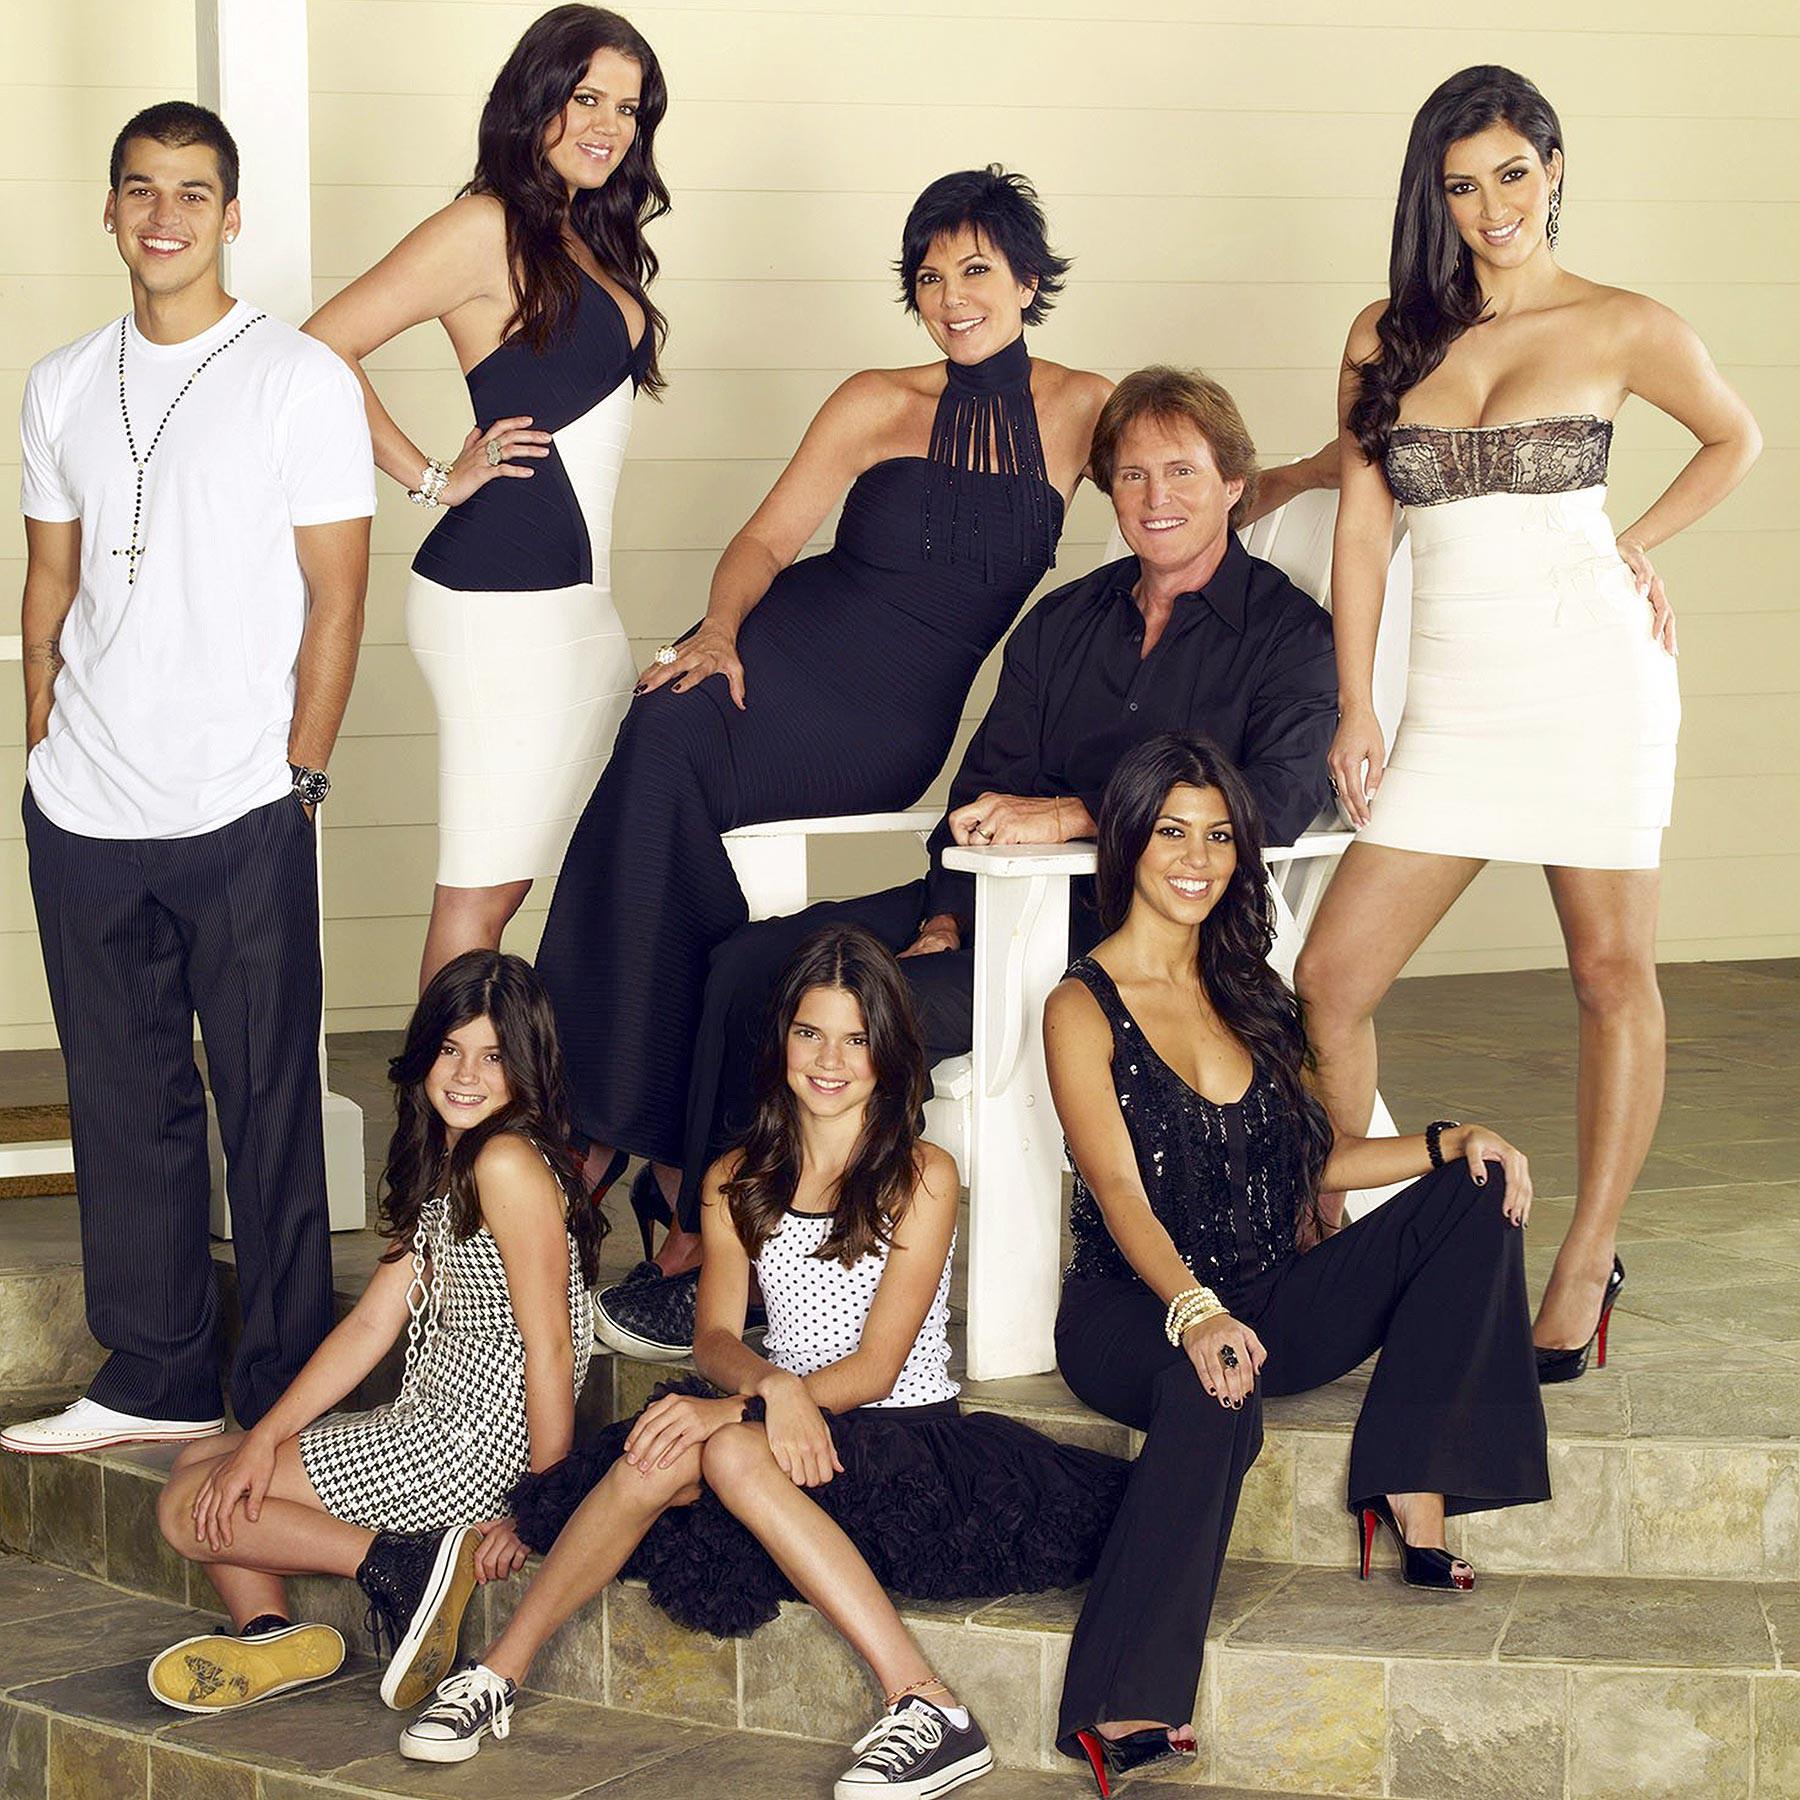 Kendall Jenner: Kẻ lạc loài nhà Kardashian đến mẫu 9x đắt giá nhất thế giới, cháu trai của Tổng thống Mỹ cũng phải mê - Ảnh 2.